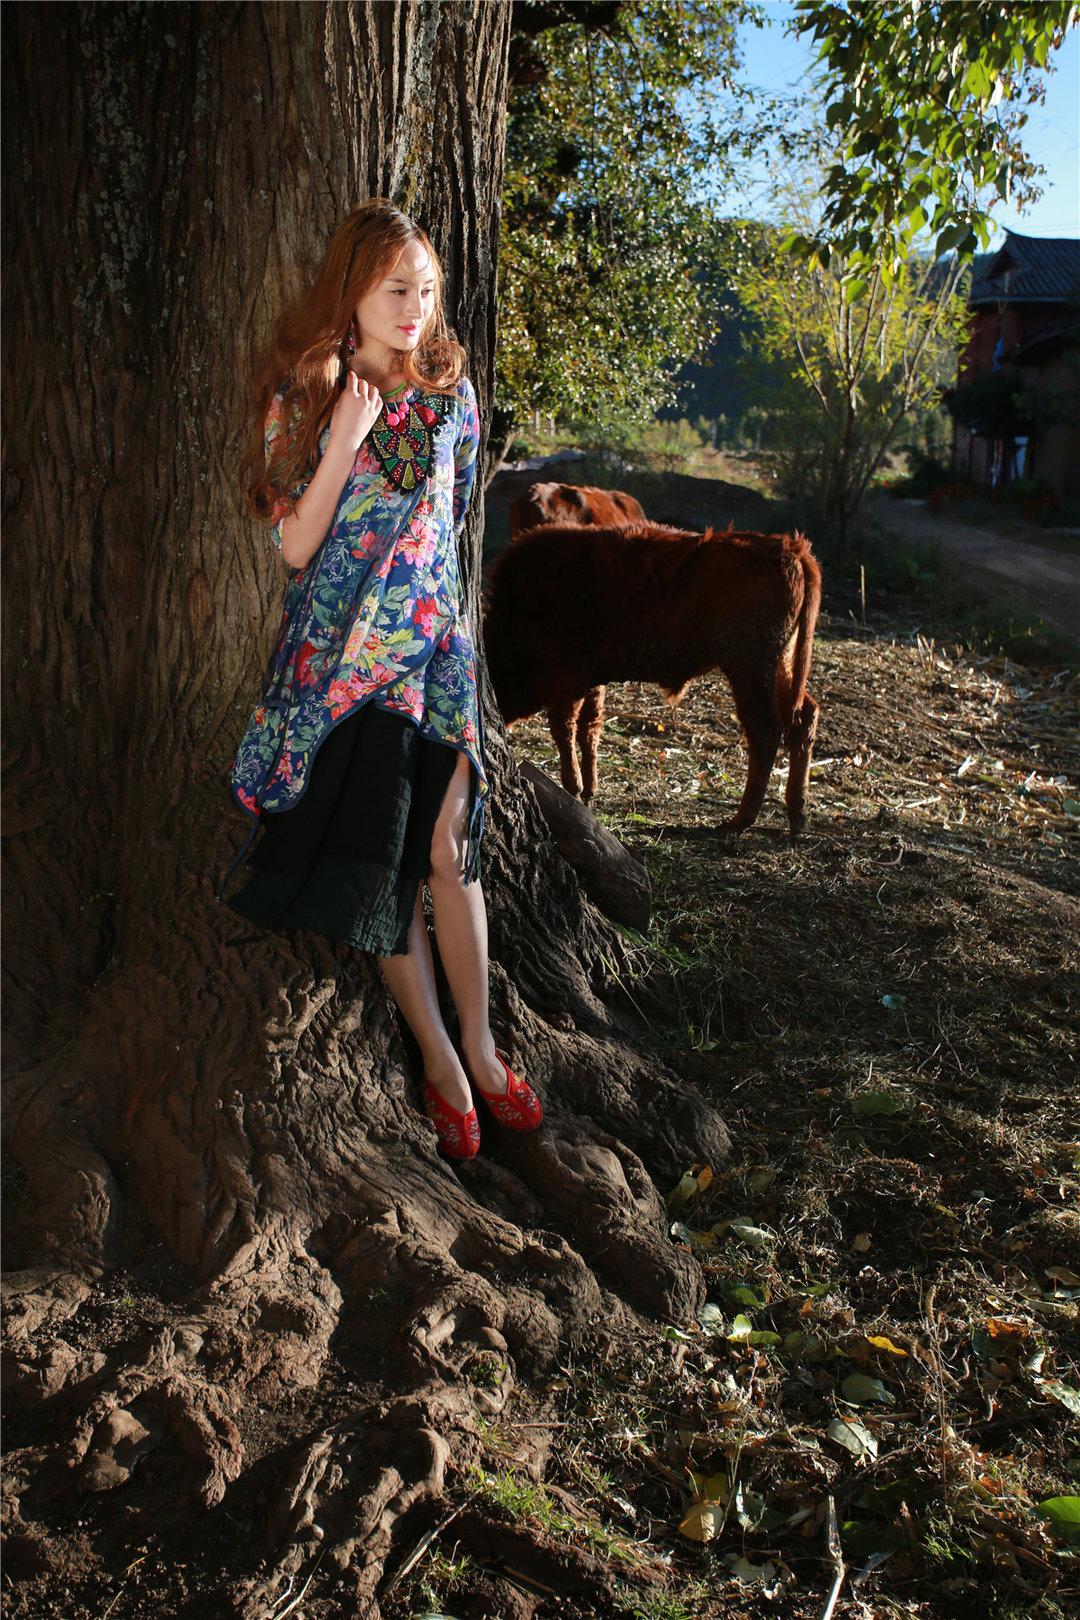 少数民族美女服饰写真 手工打造精美范儿